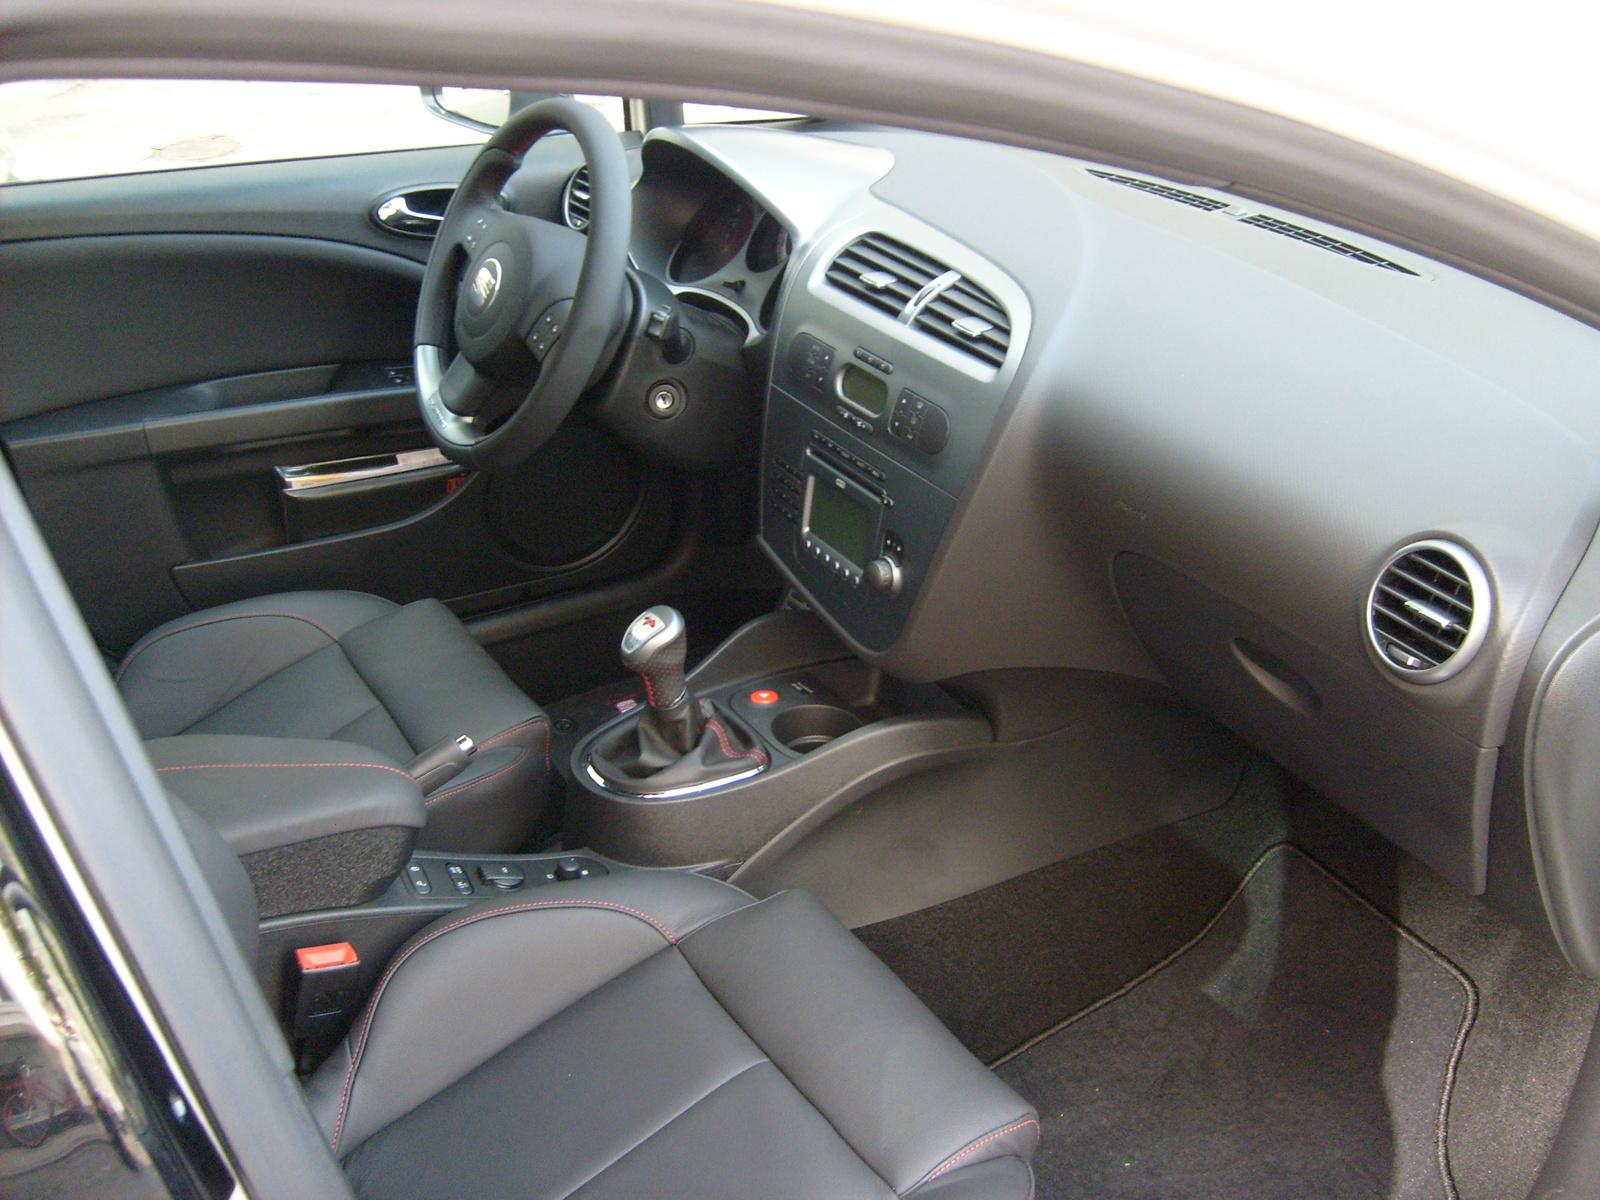 2008 seat leon interior pictures cargurus for Interior seat leon